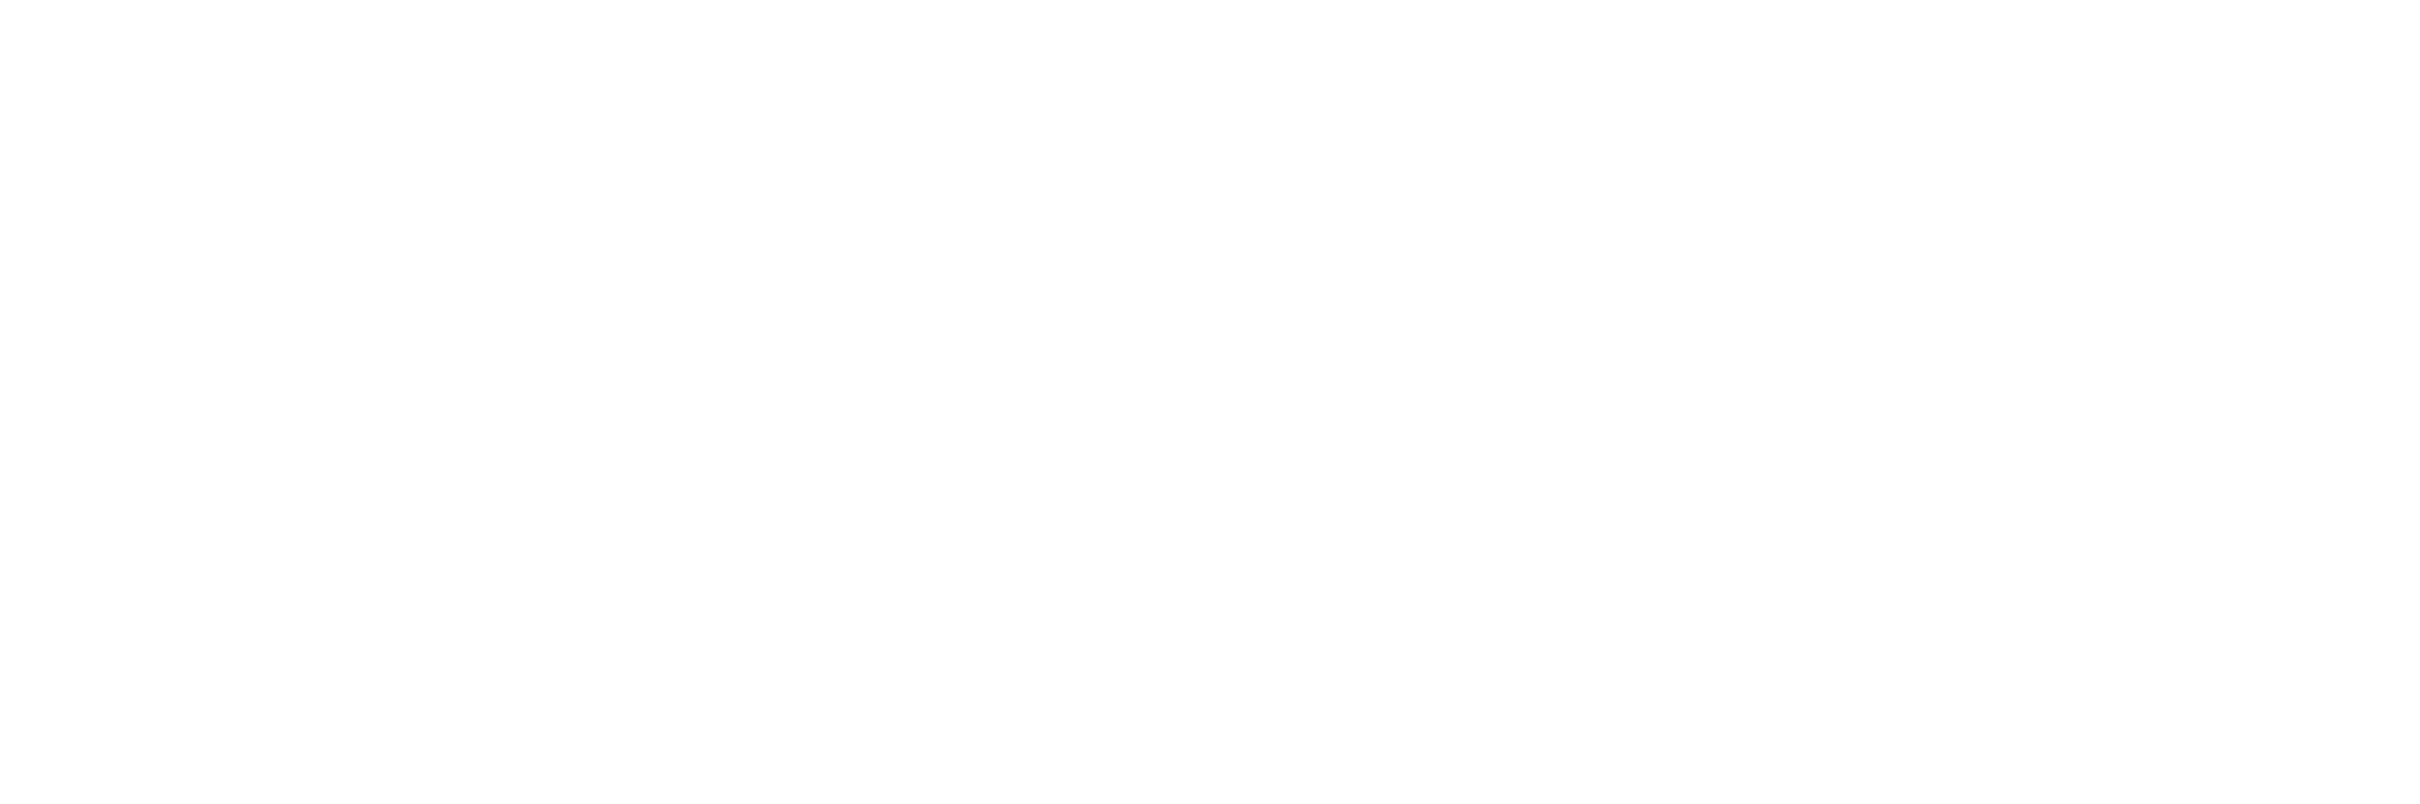 Invest365